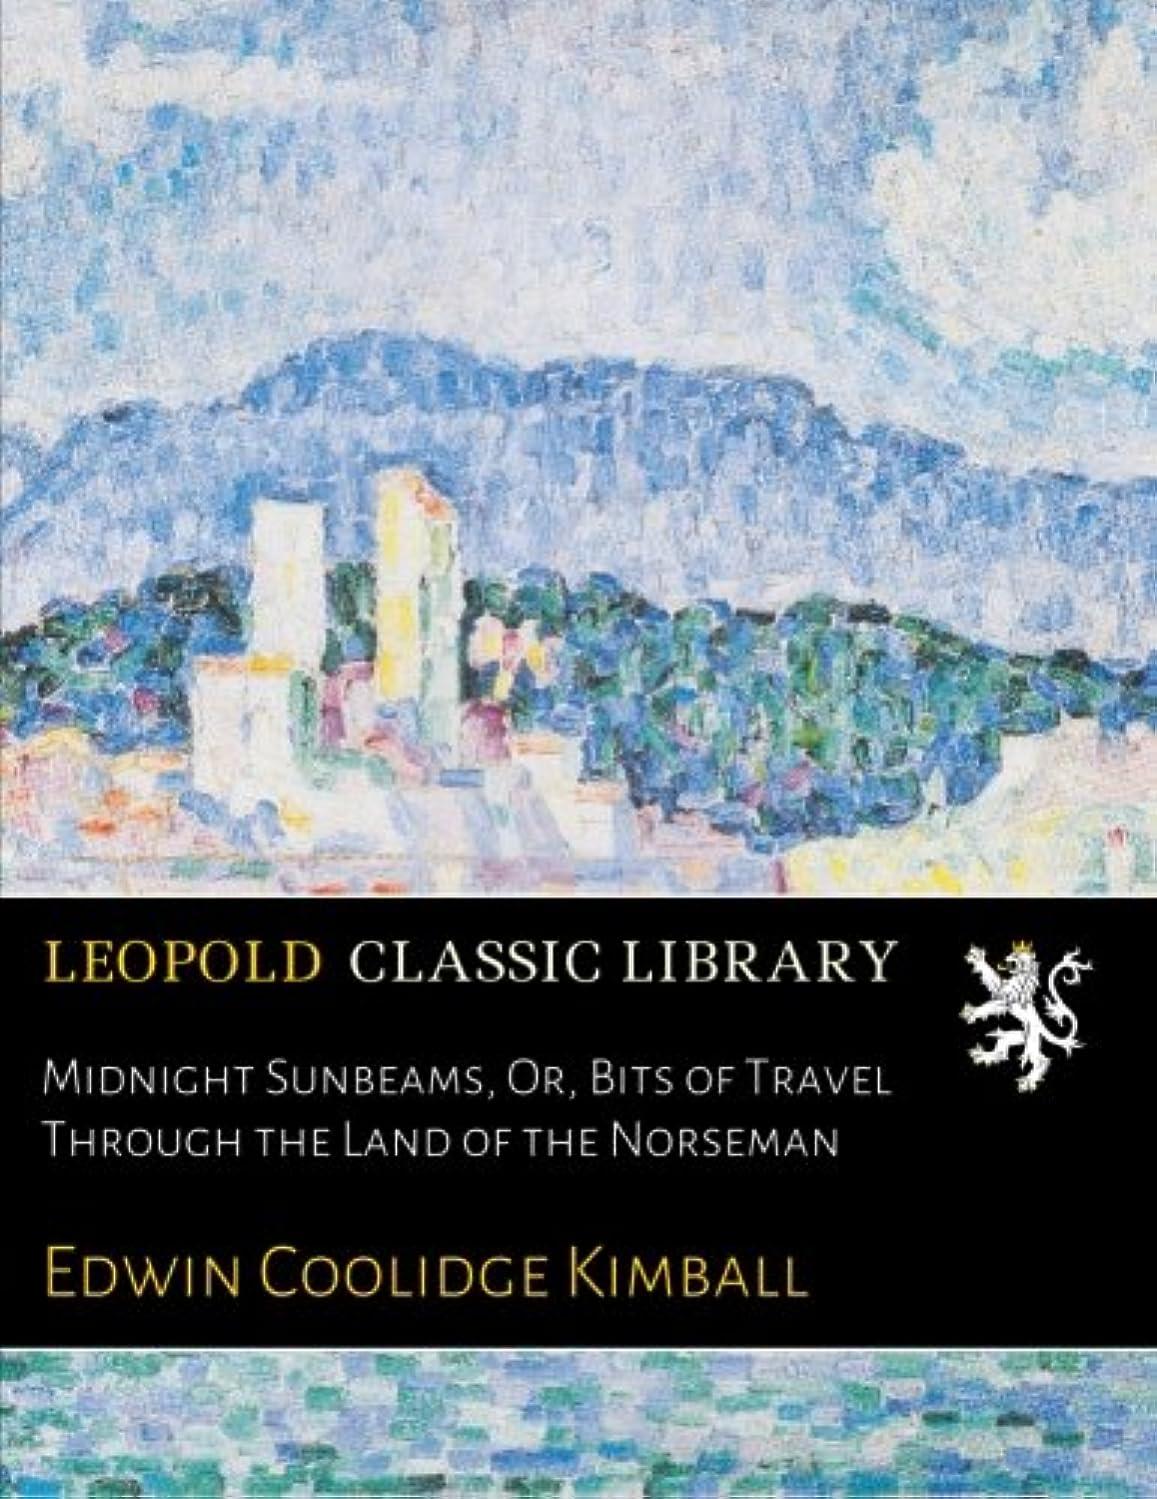 獲物提案する詳細にMidnight Sunbeams, Or, Bits of Travel Through the Land of the Norseman